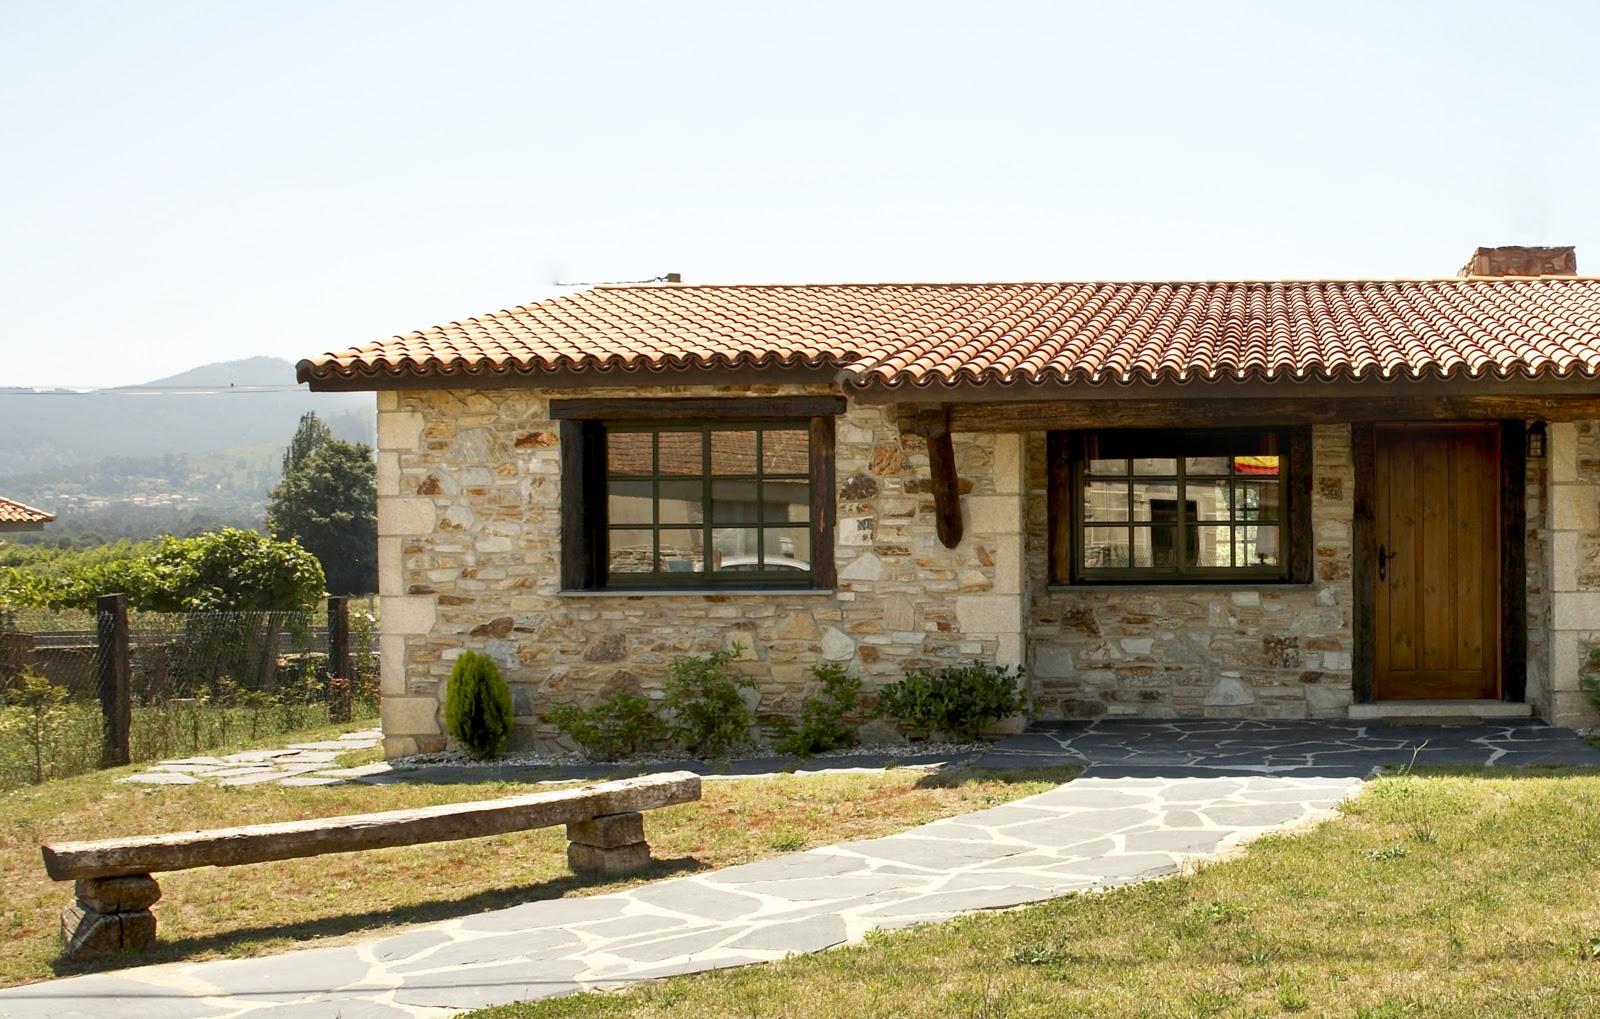 Construcciones r sticas gallegas la piedra como base for Construcciones rusticas